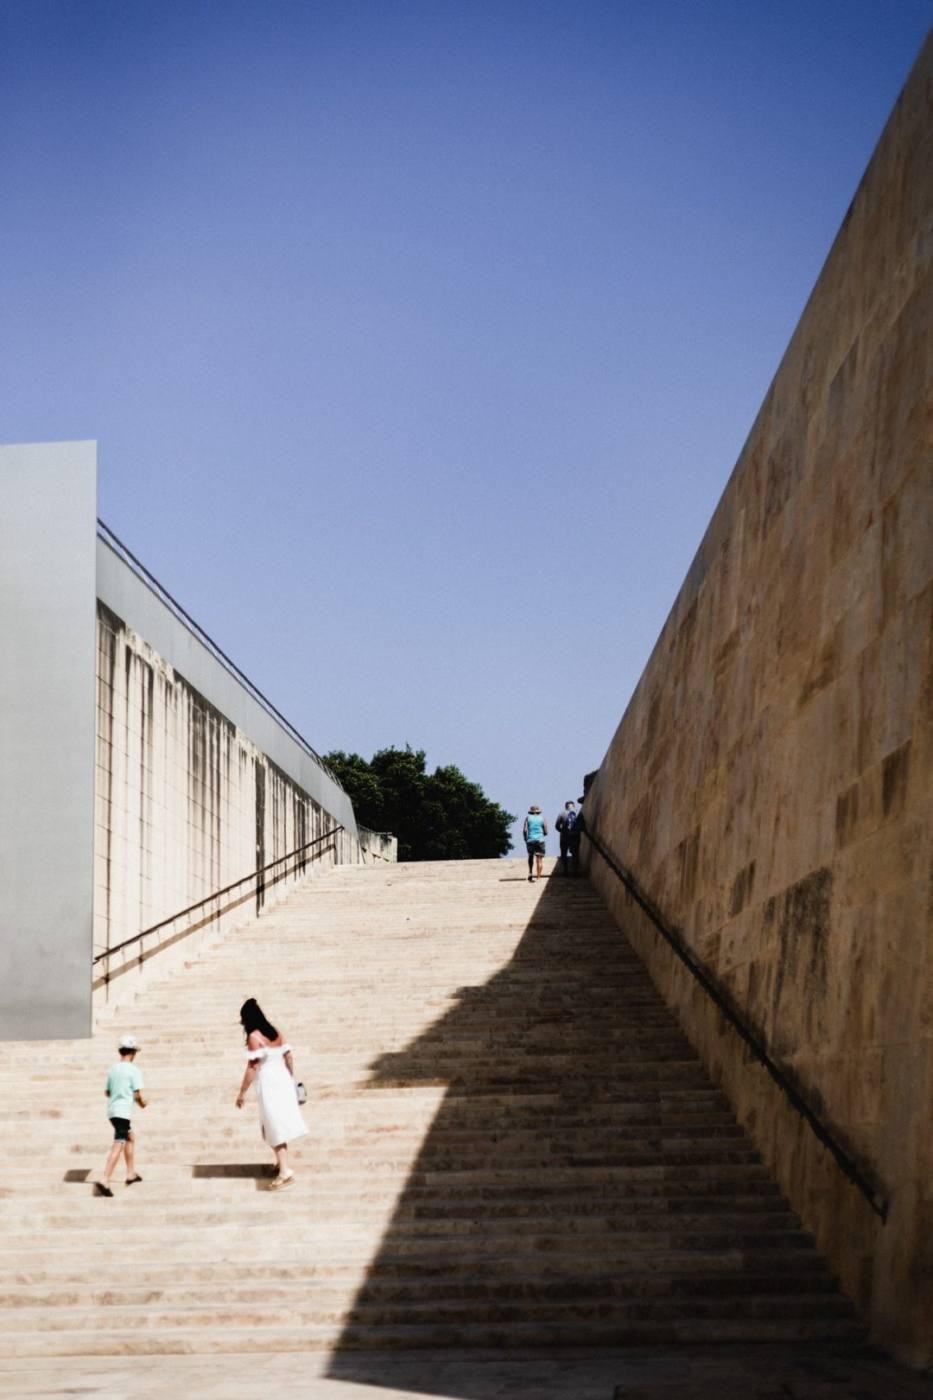 Street photography in Valletta Malta